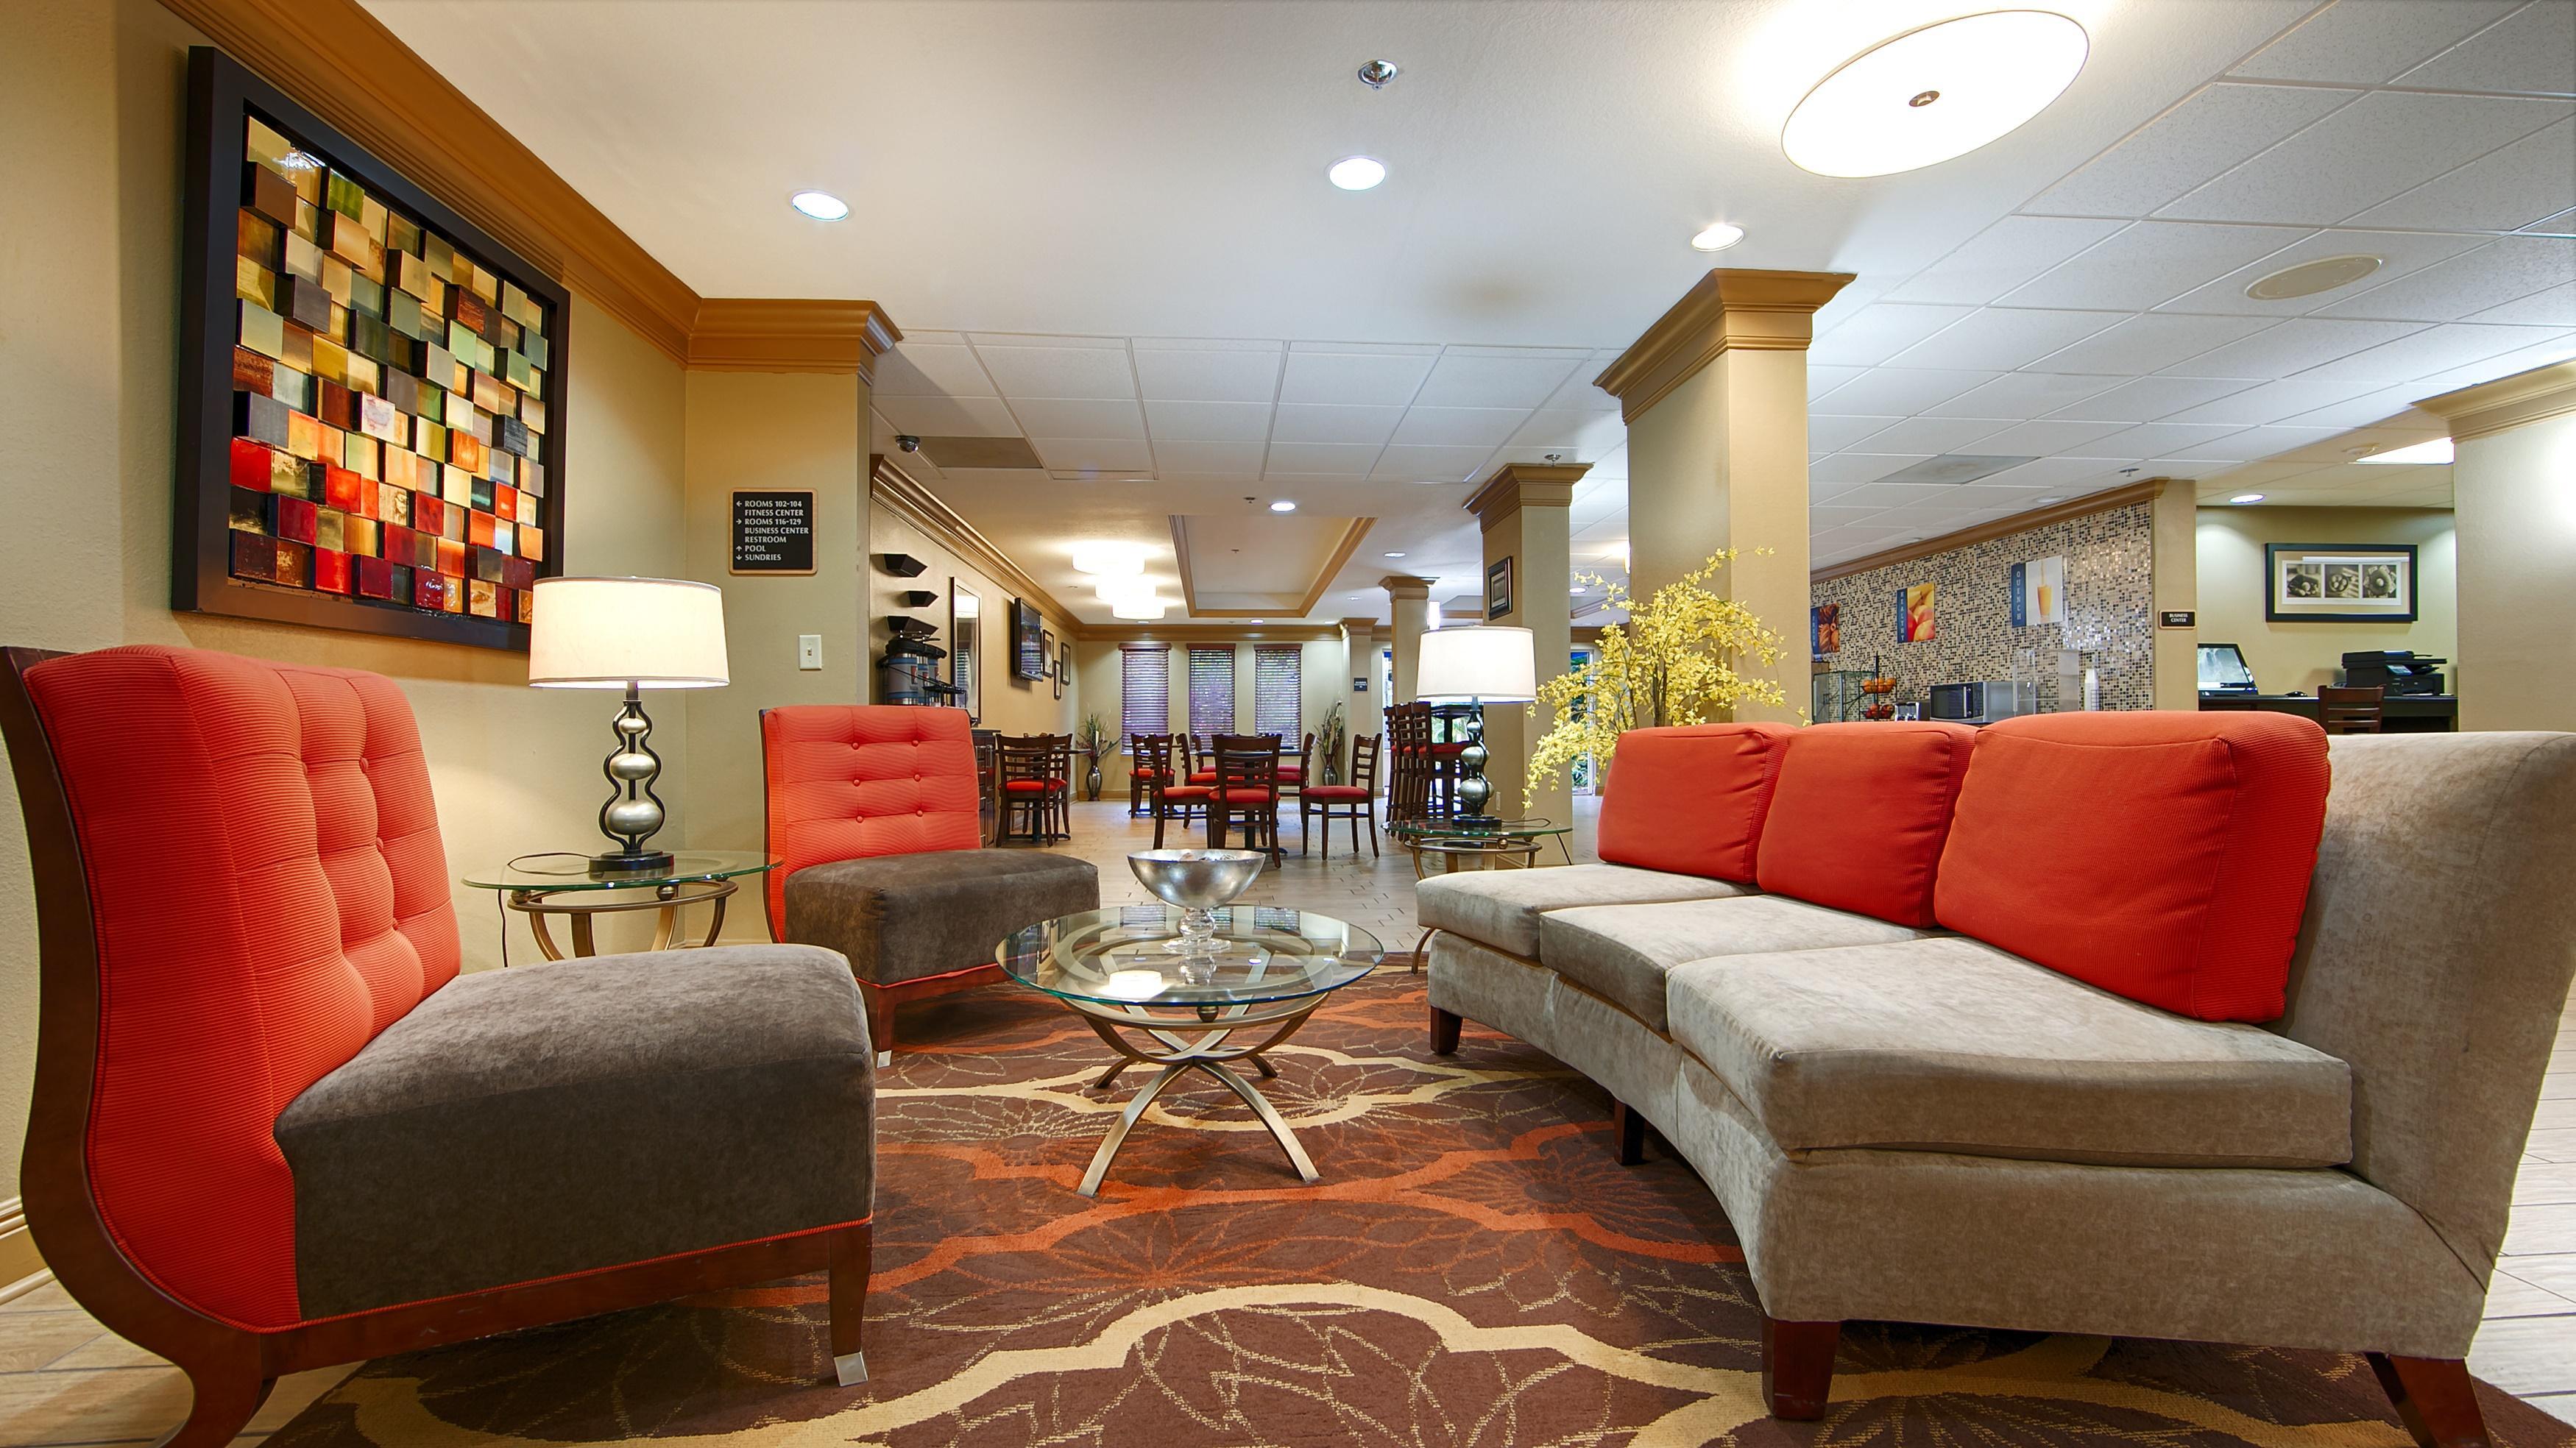 BEST WESTERN PLUS Bradenton Hotel u0026 Suites